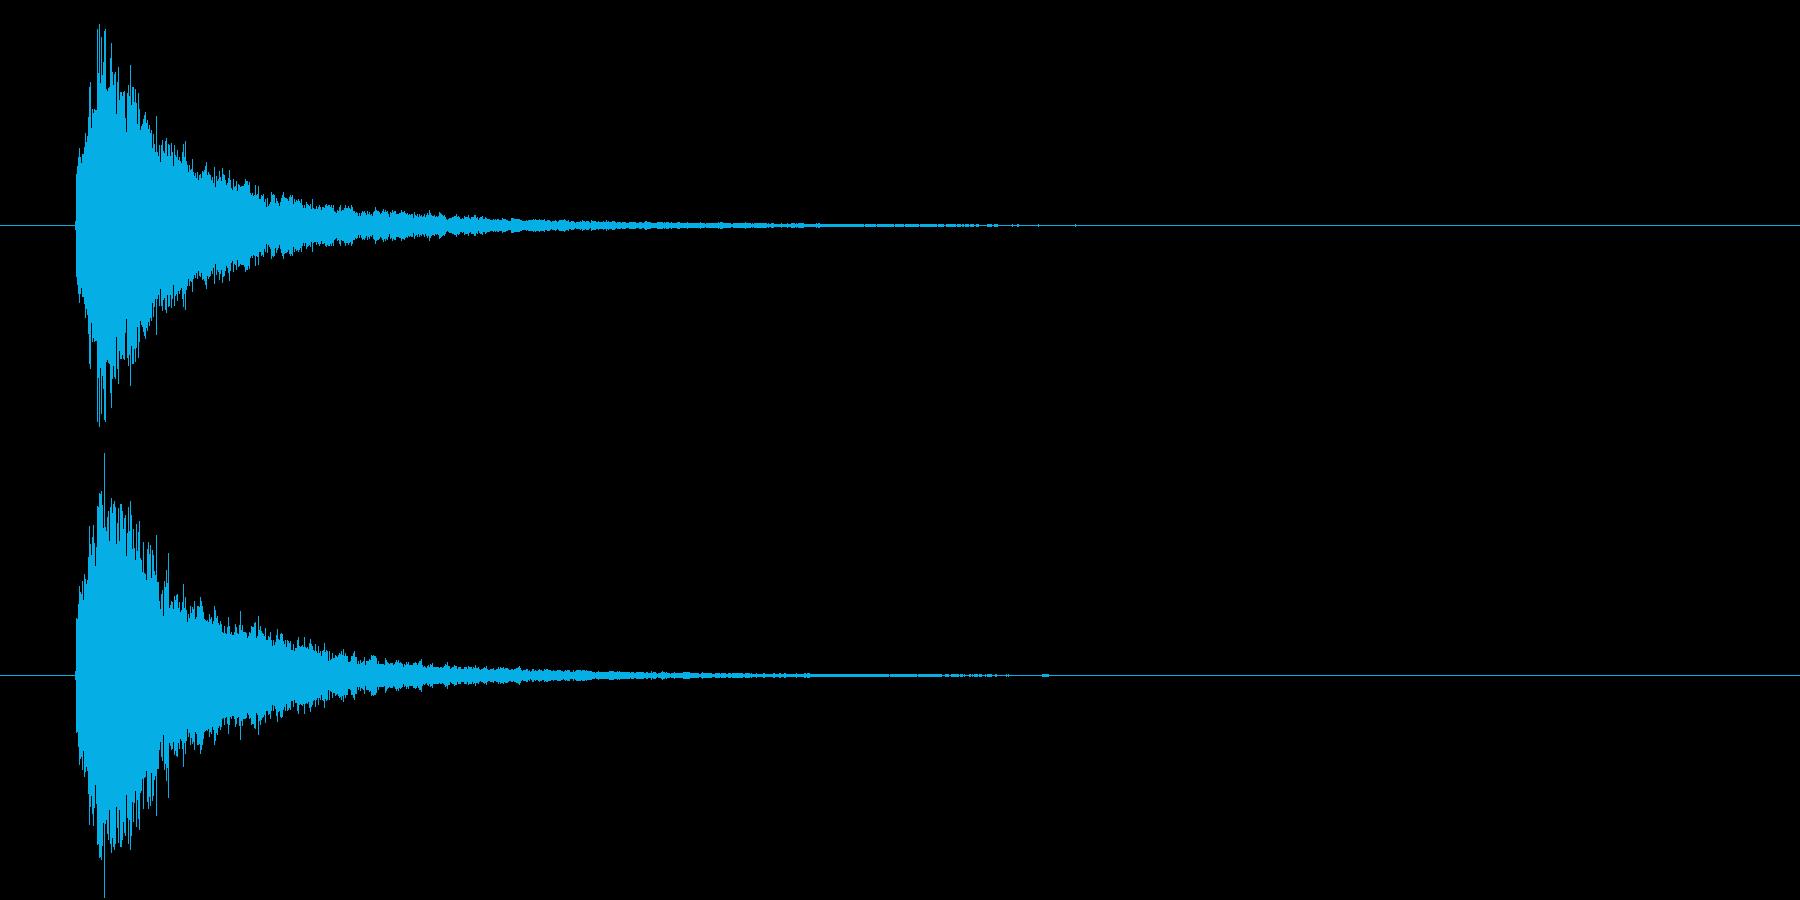 回復魔法の効果音2の再生済みの波形